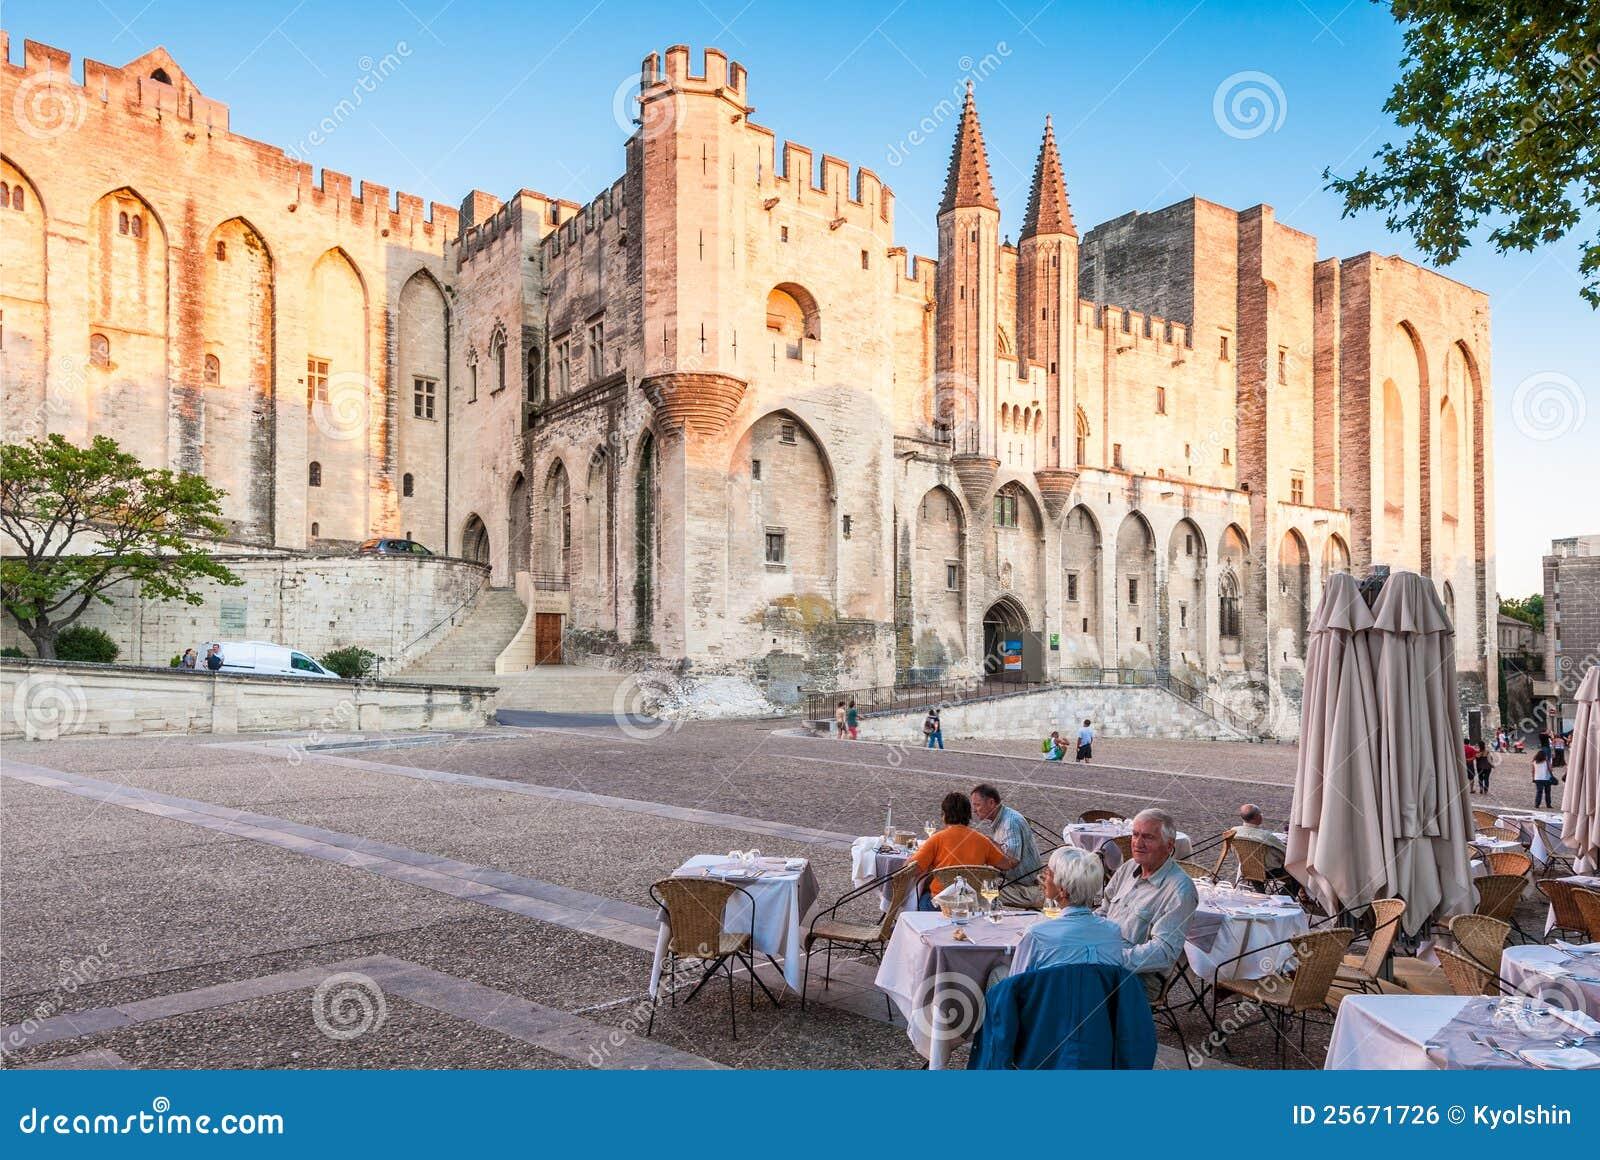 公�yd�9�މ_9阿尔卑斯阿维尼翁azur咖啡馆中央棚d欧洲法国前宫殿人普罗旺斯9月